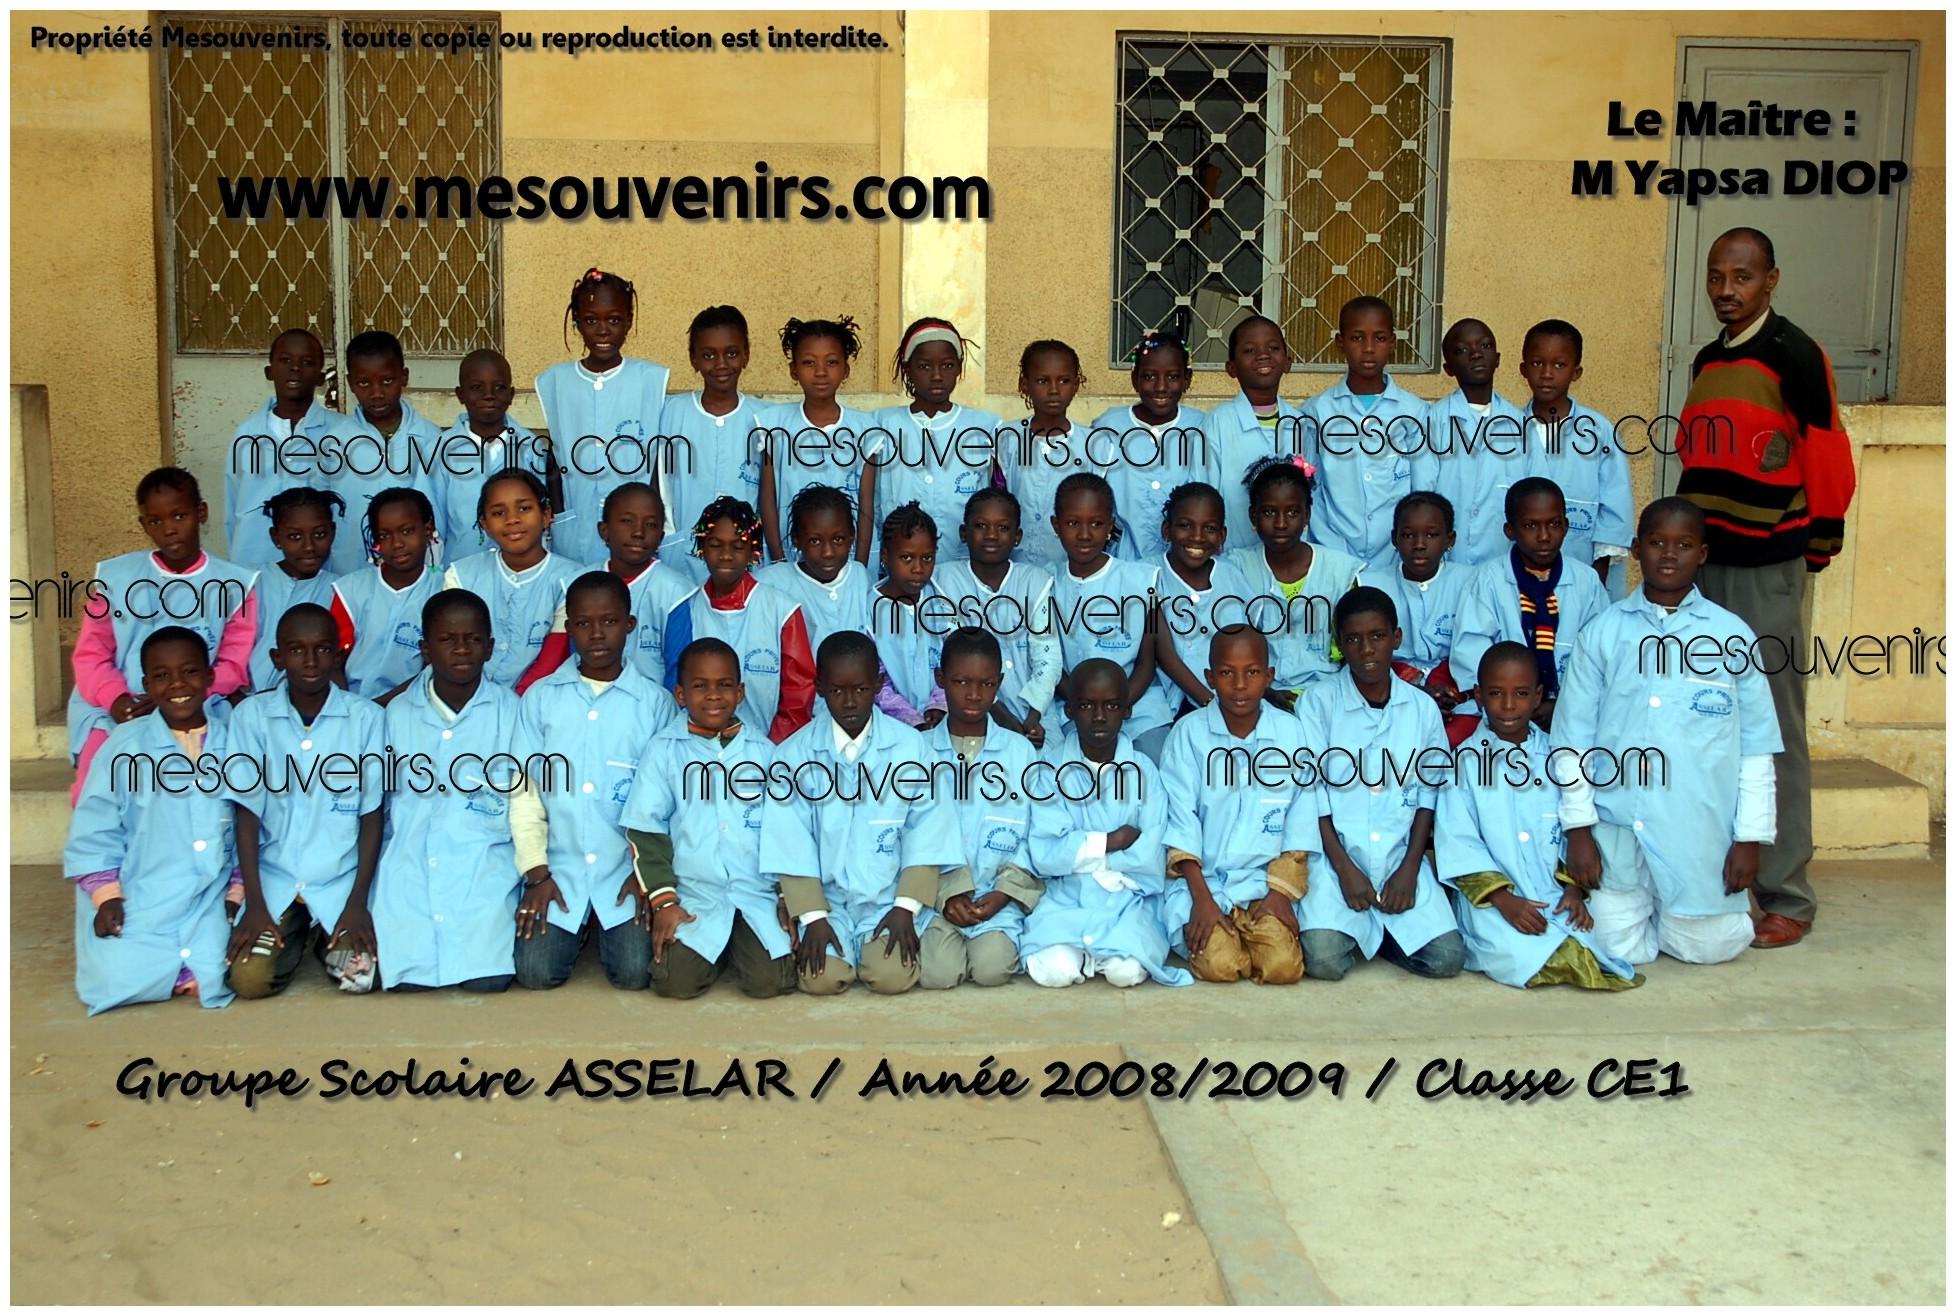 ASSELAR 2008 2009 CE 1